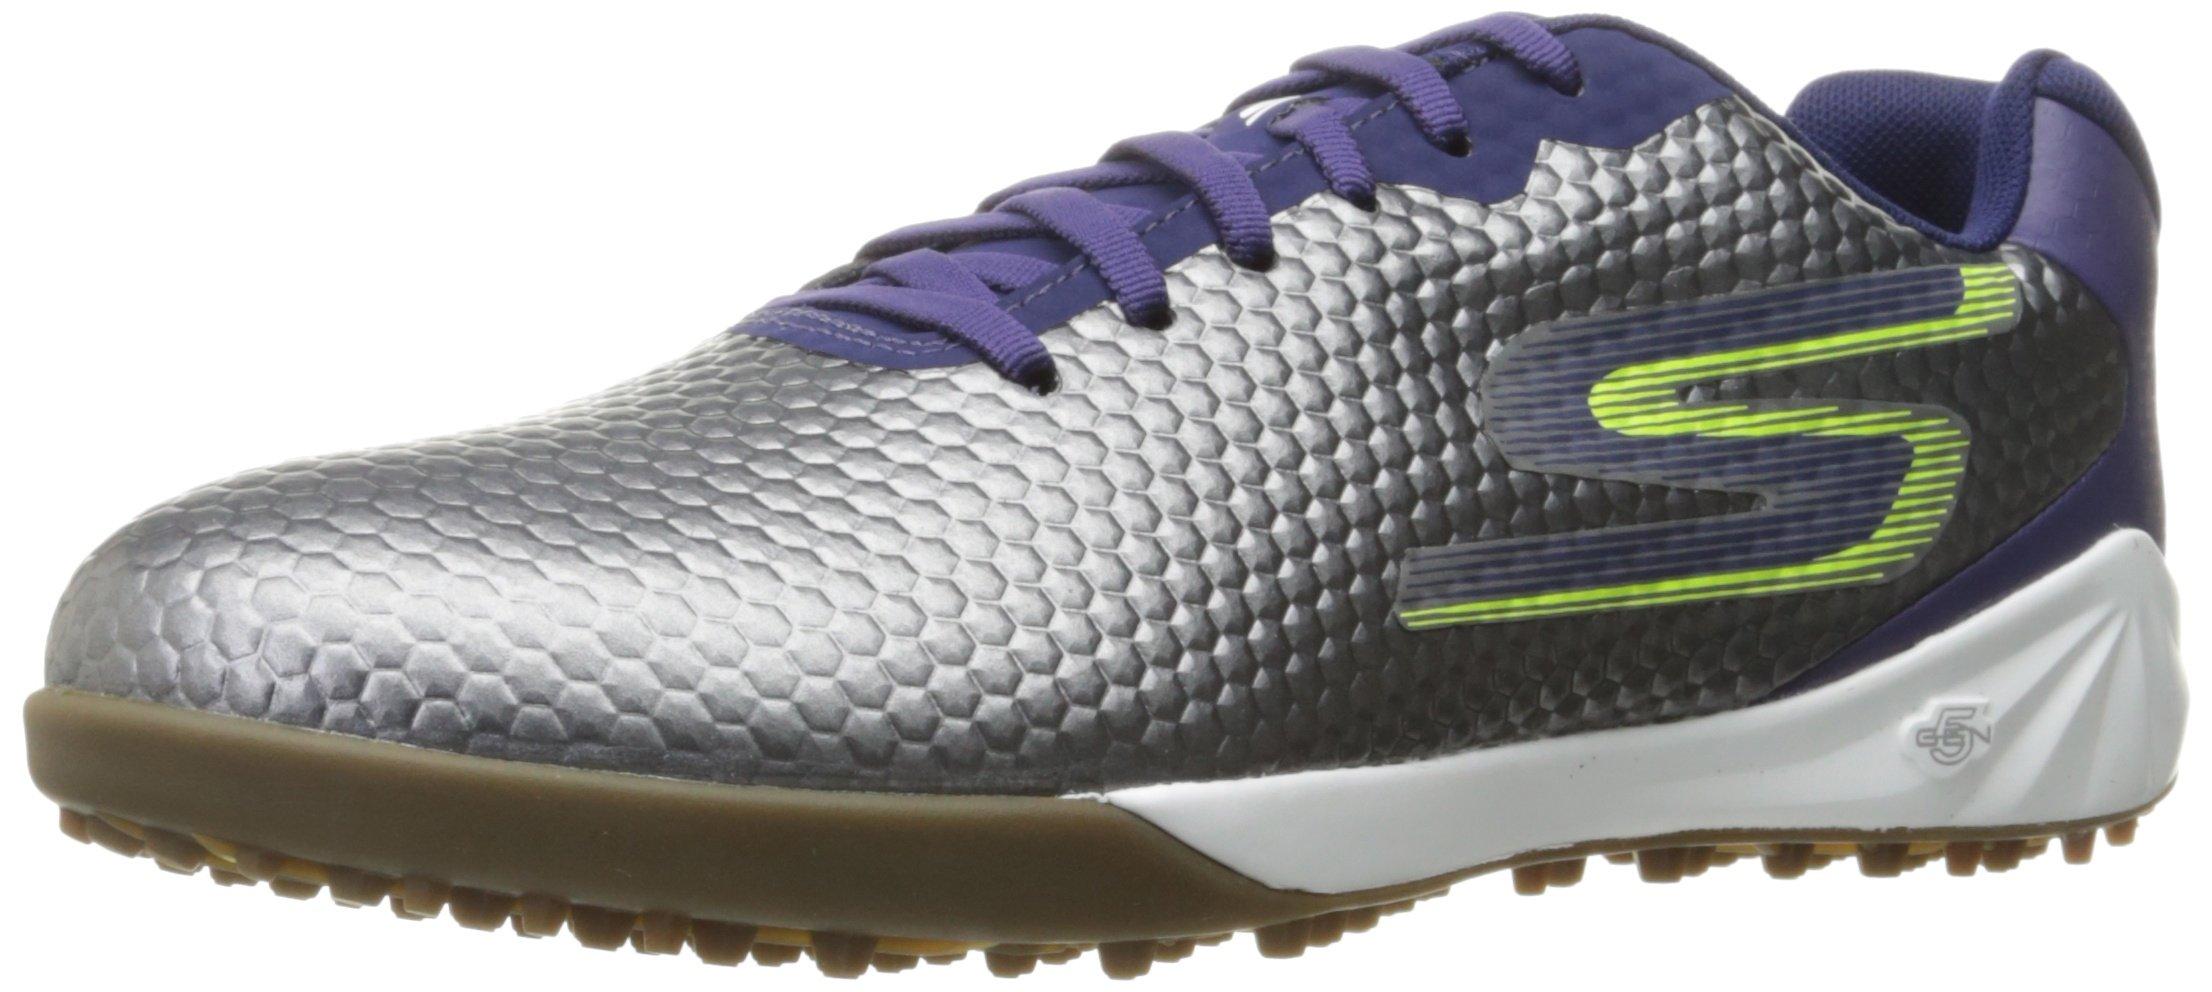 Soccer Hexgo Soccer Shoe